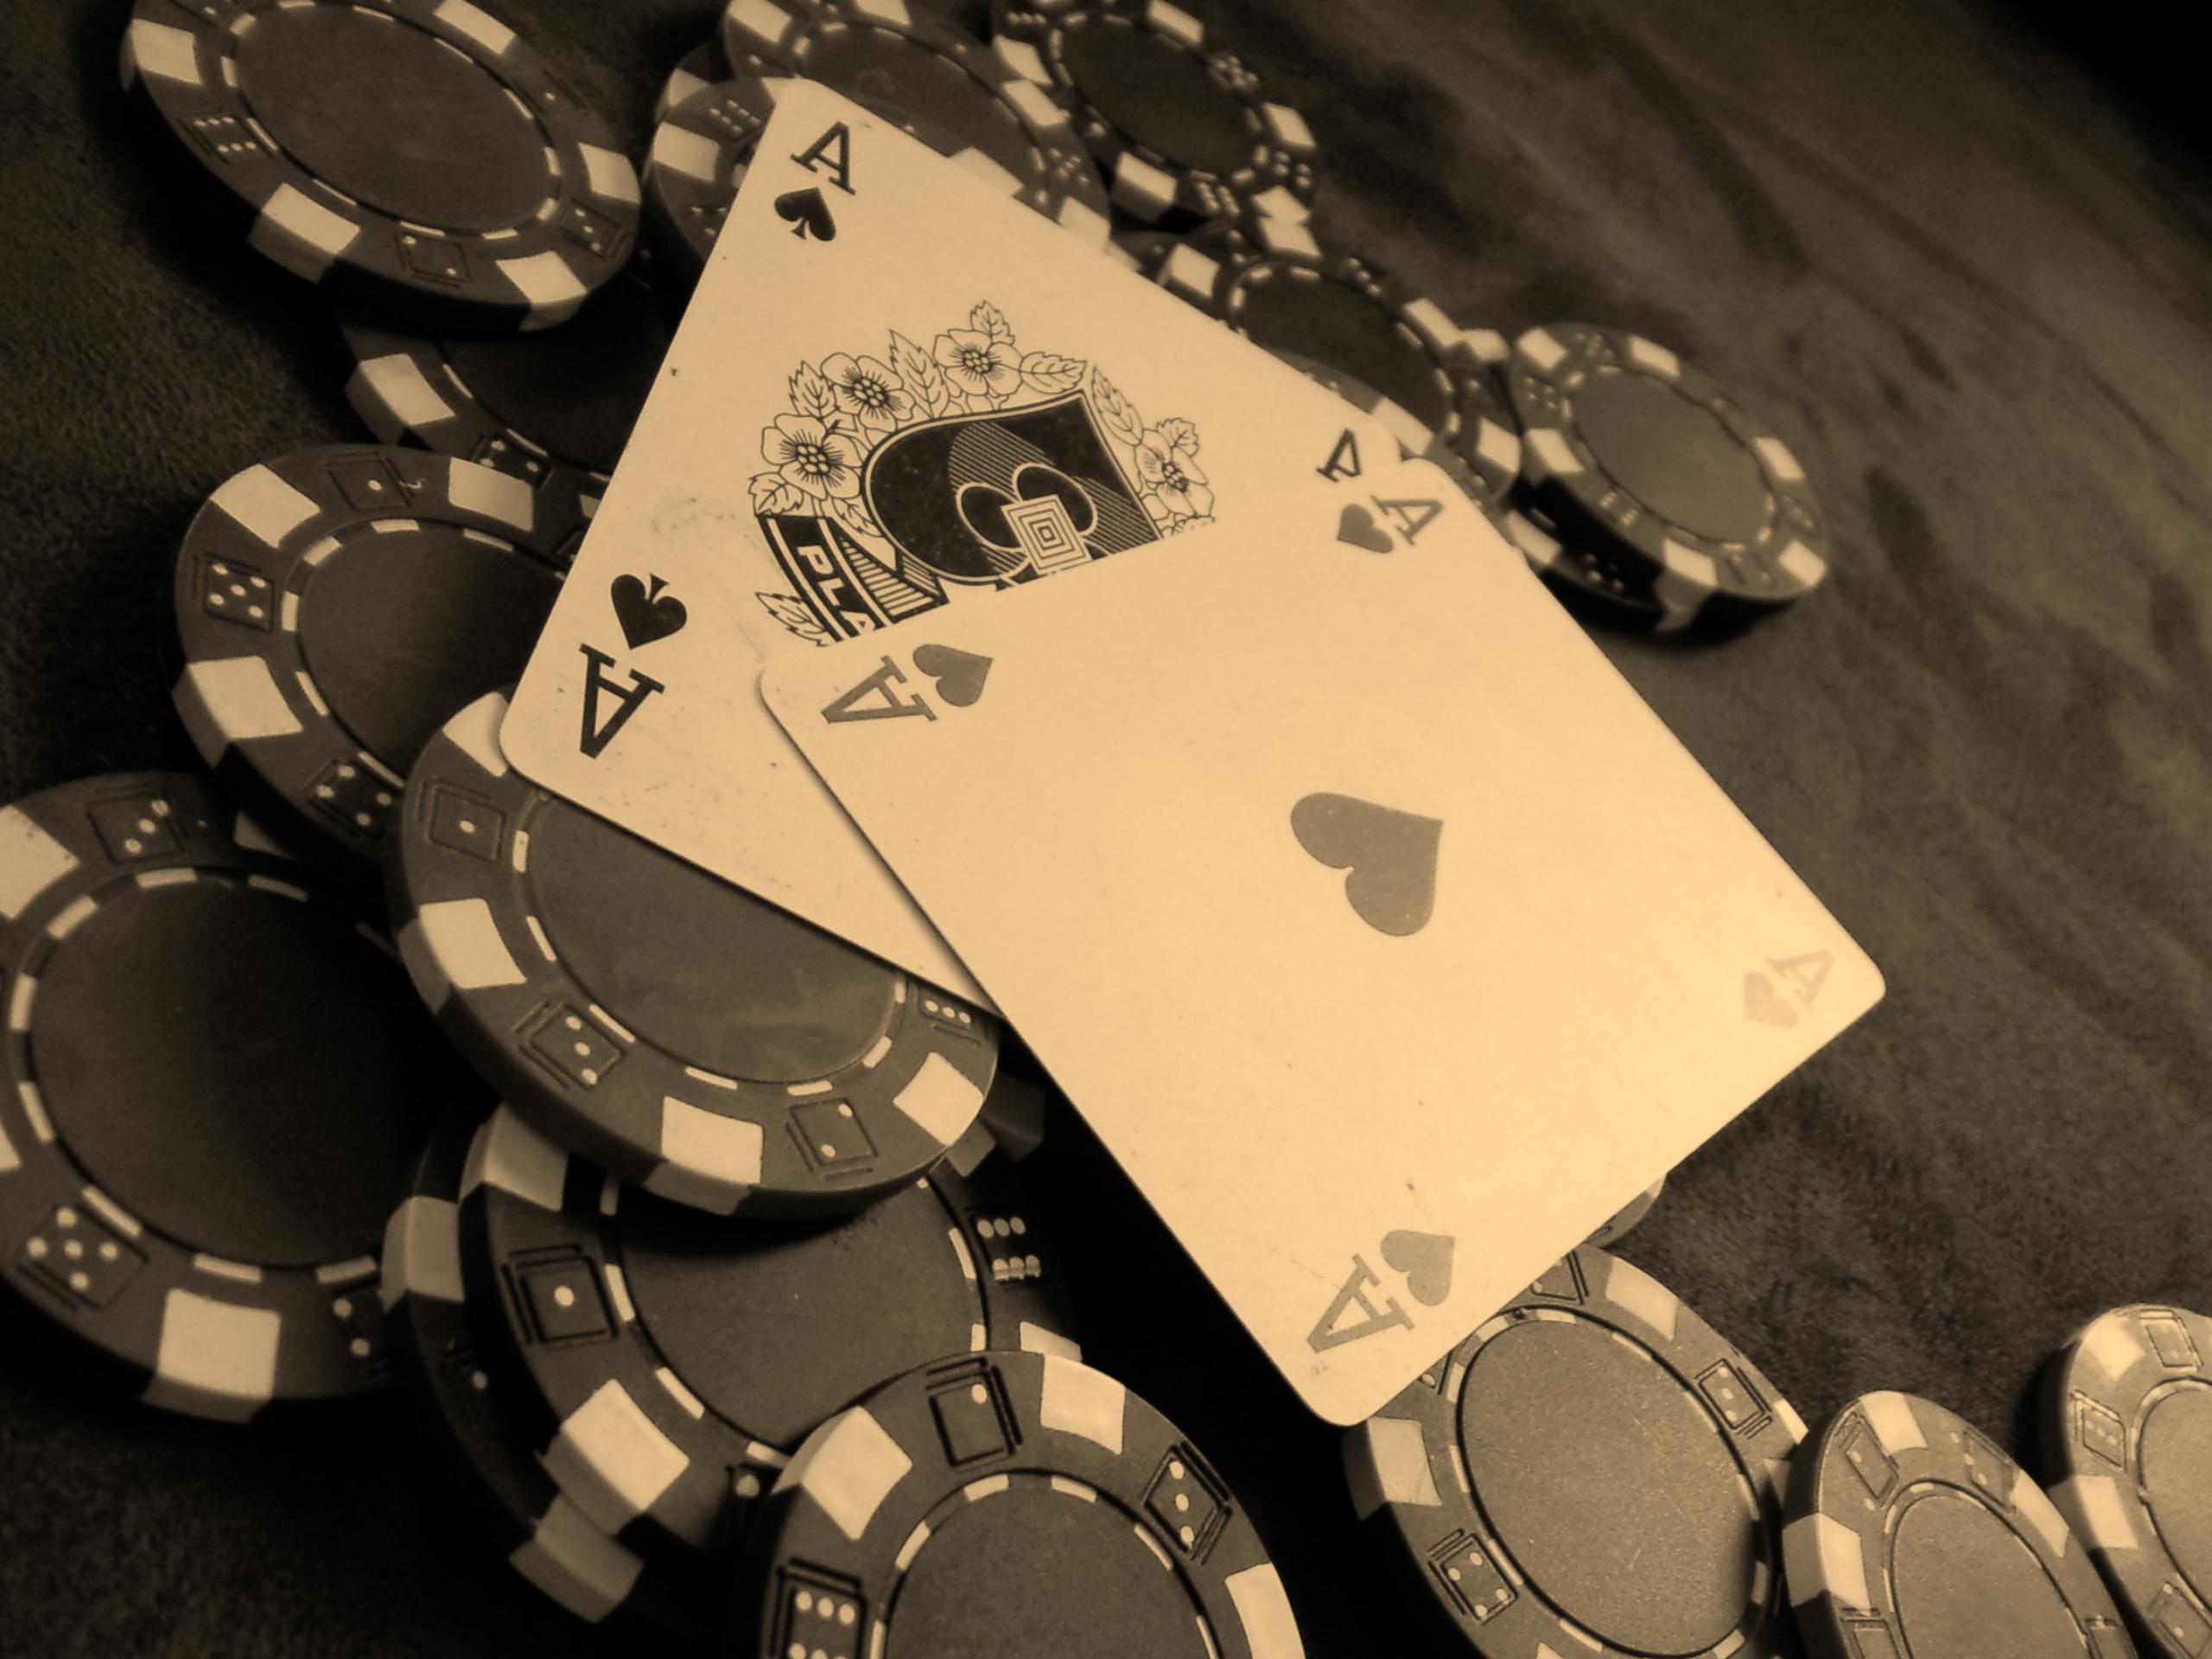 Cards poker poker chips chips wallpaper 2560x1920 15579 2560x1920